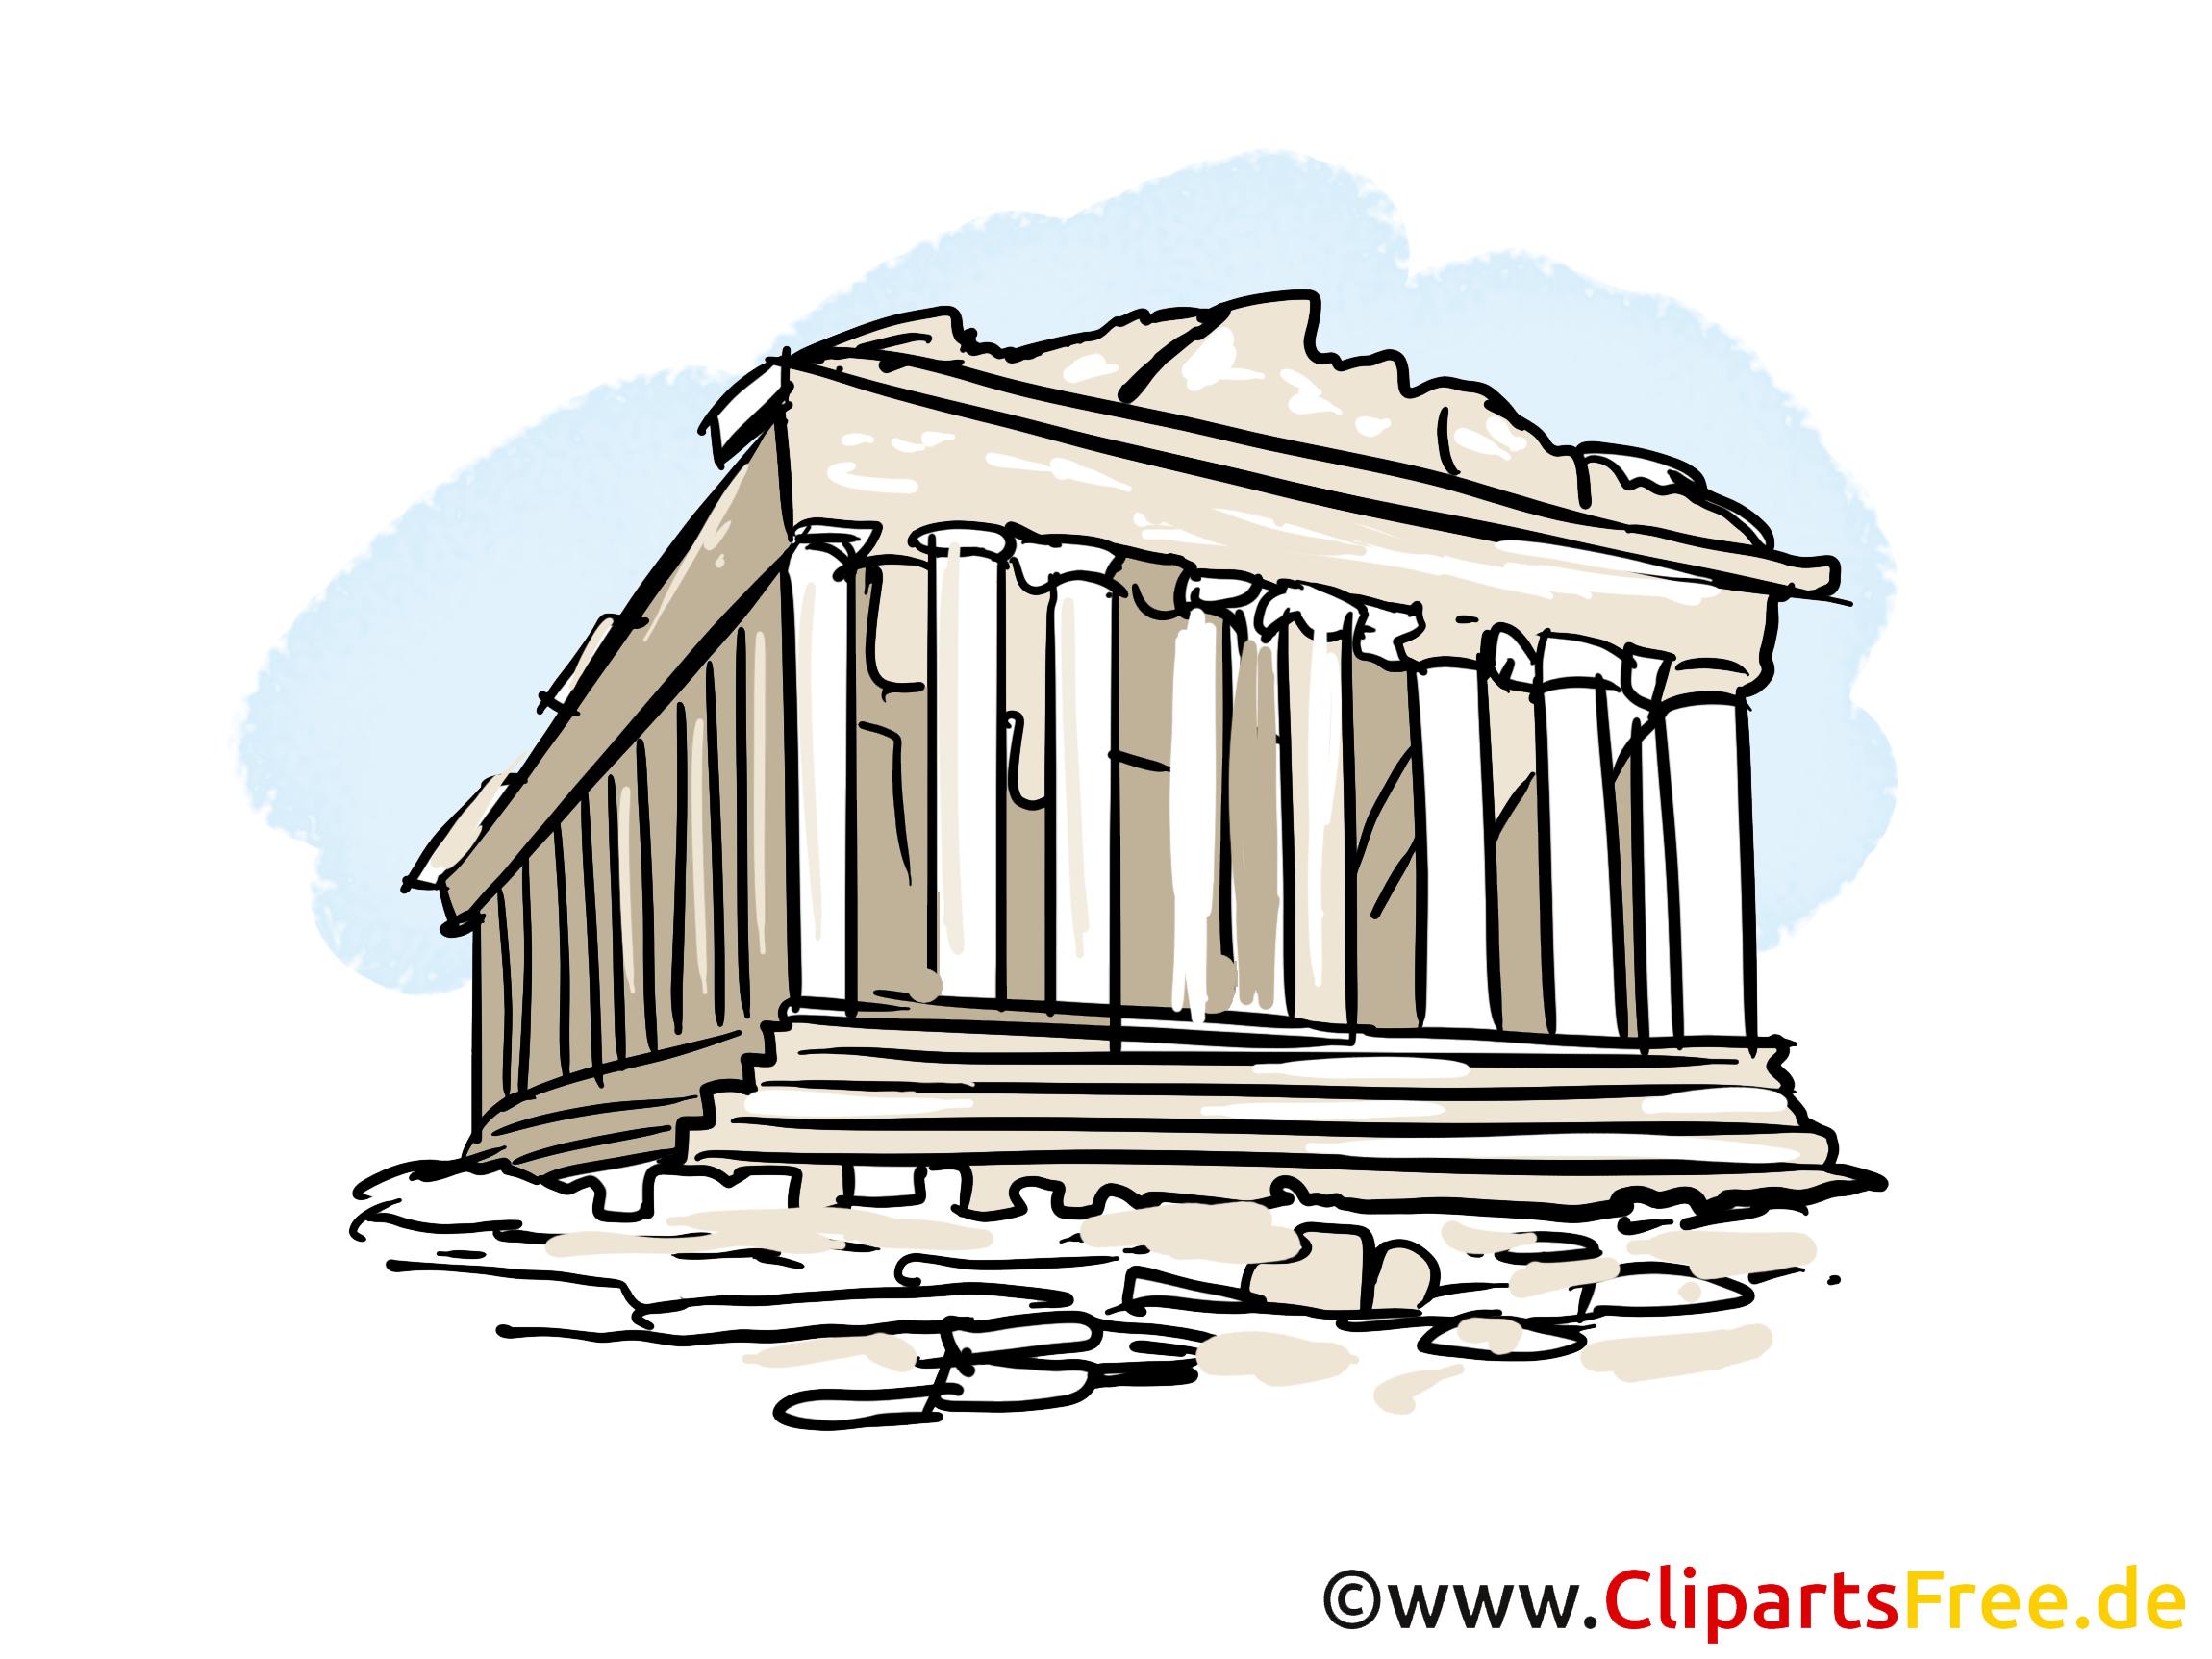 Acropole cliparts gratuis - Temple images gratuites